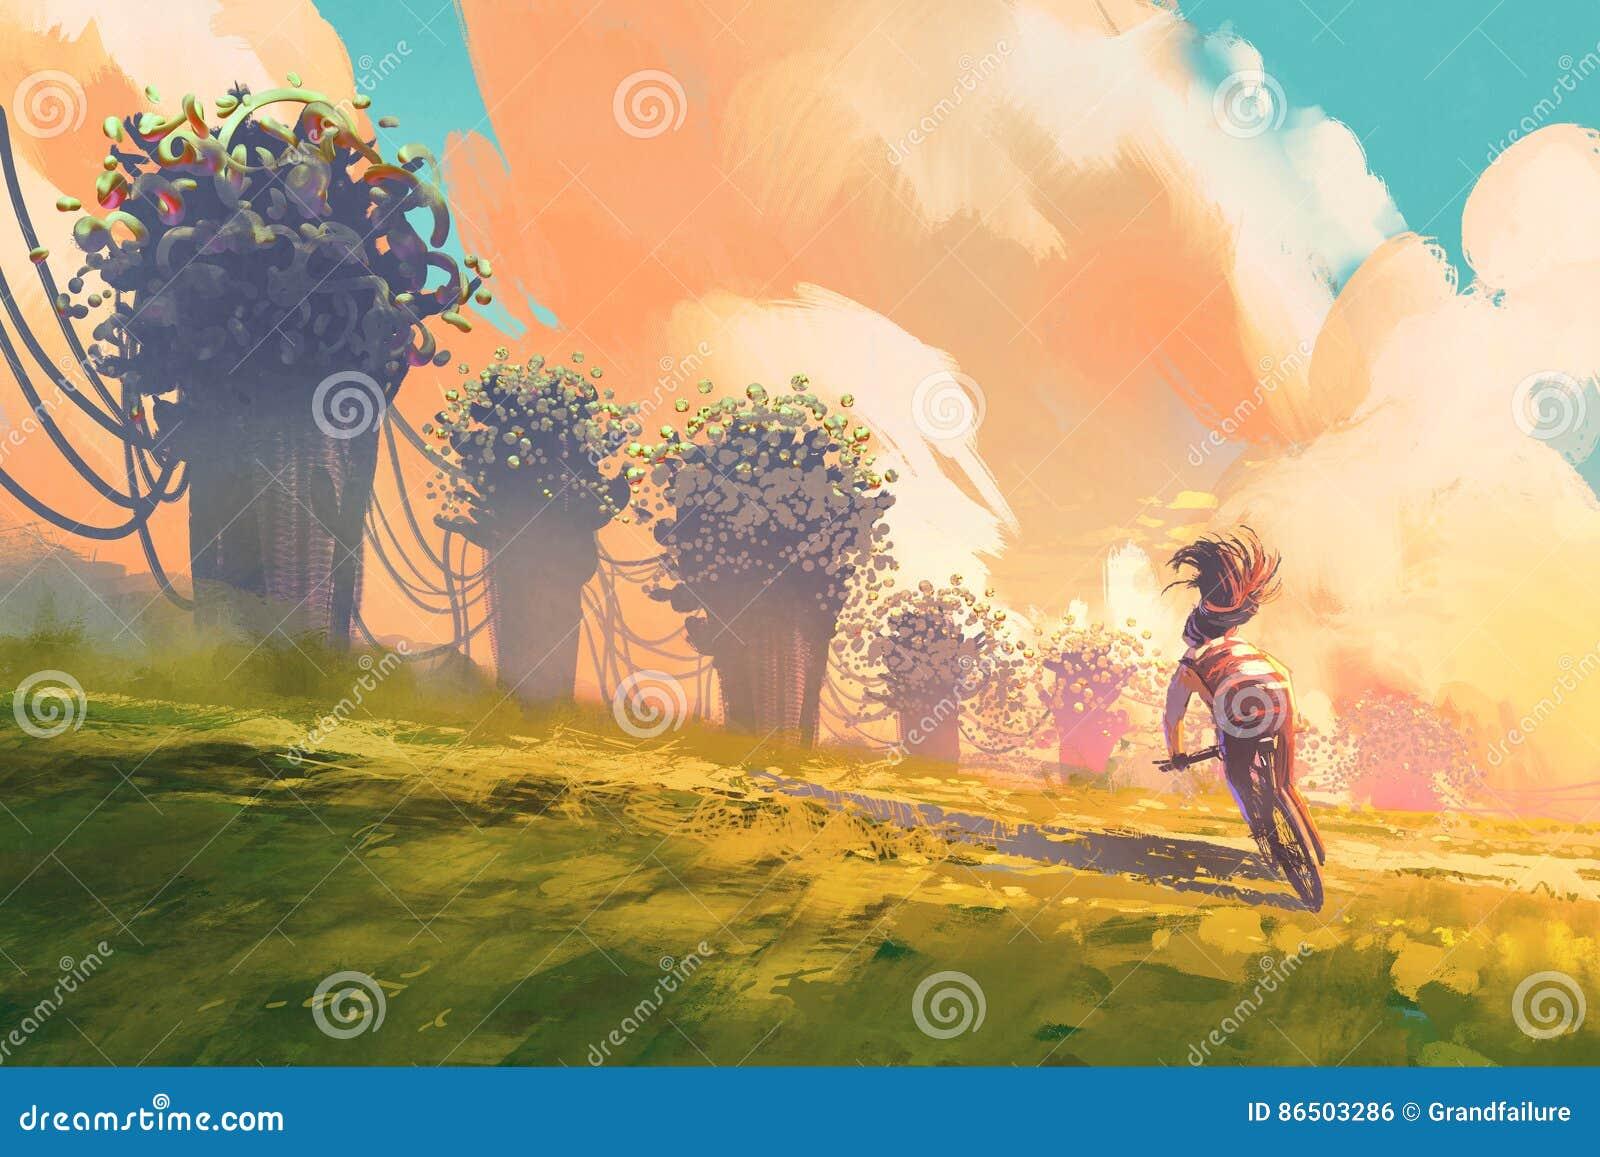 Ποδηλάτης που οδηγά ένα ποδήλατο σε έναν τομέα με το δέντρο φαντασίας και το ζωηρόχρωμο ουρανό